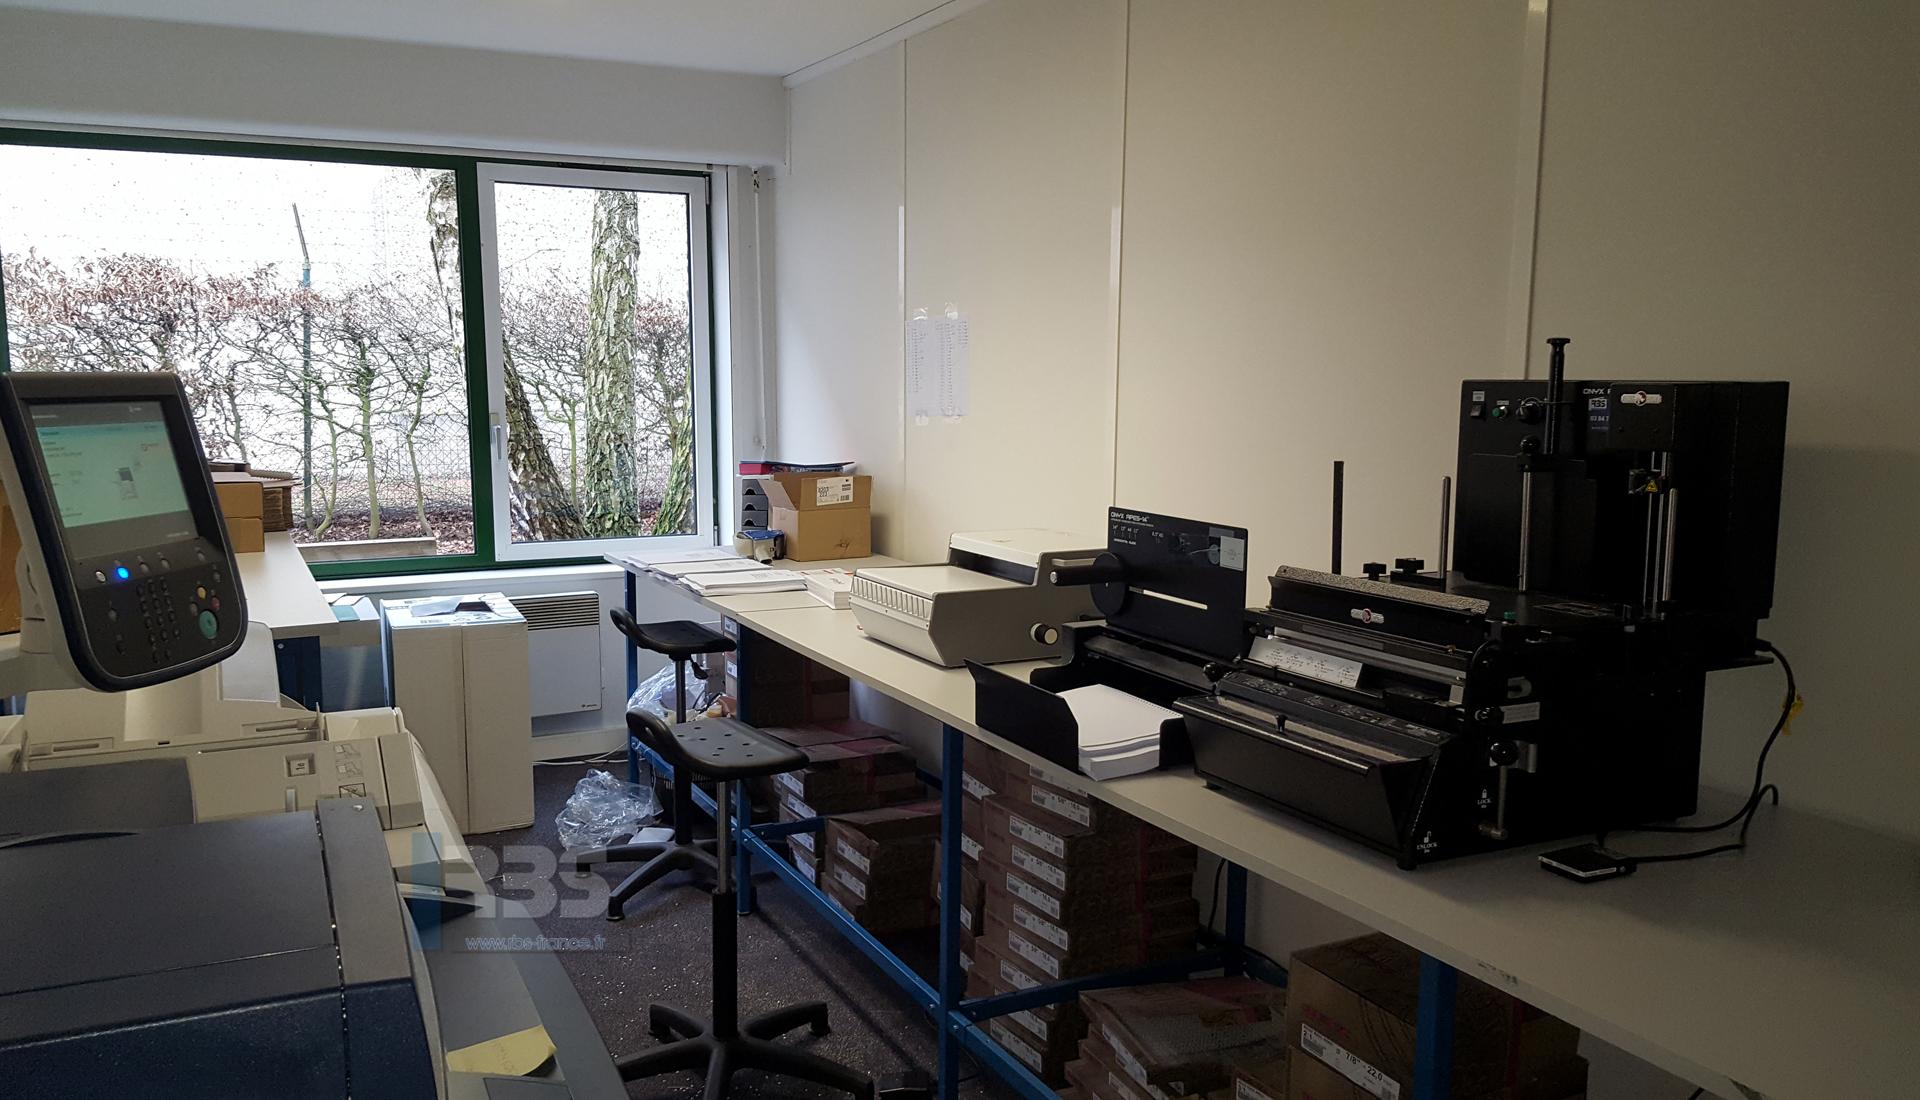 Module De Reliure Automatique 3 En 1 Pps Onyx Hd 7700 Ultima Et Wbs 3600 En Atelier De Reprographie Impression